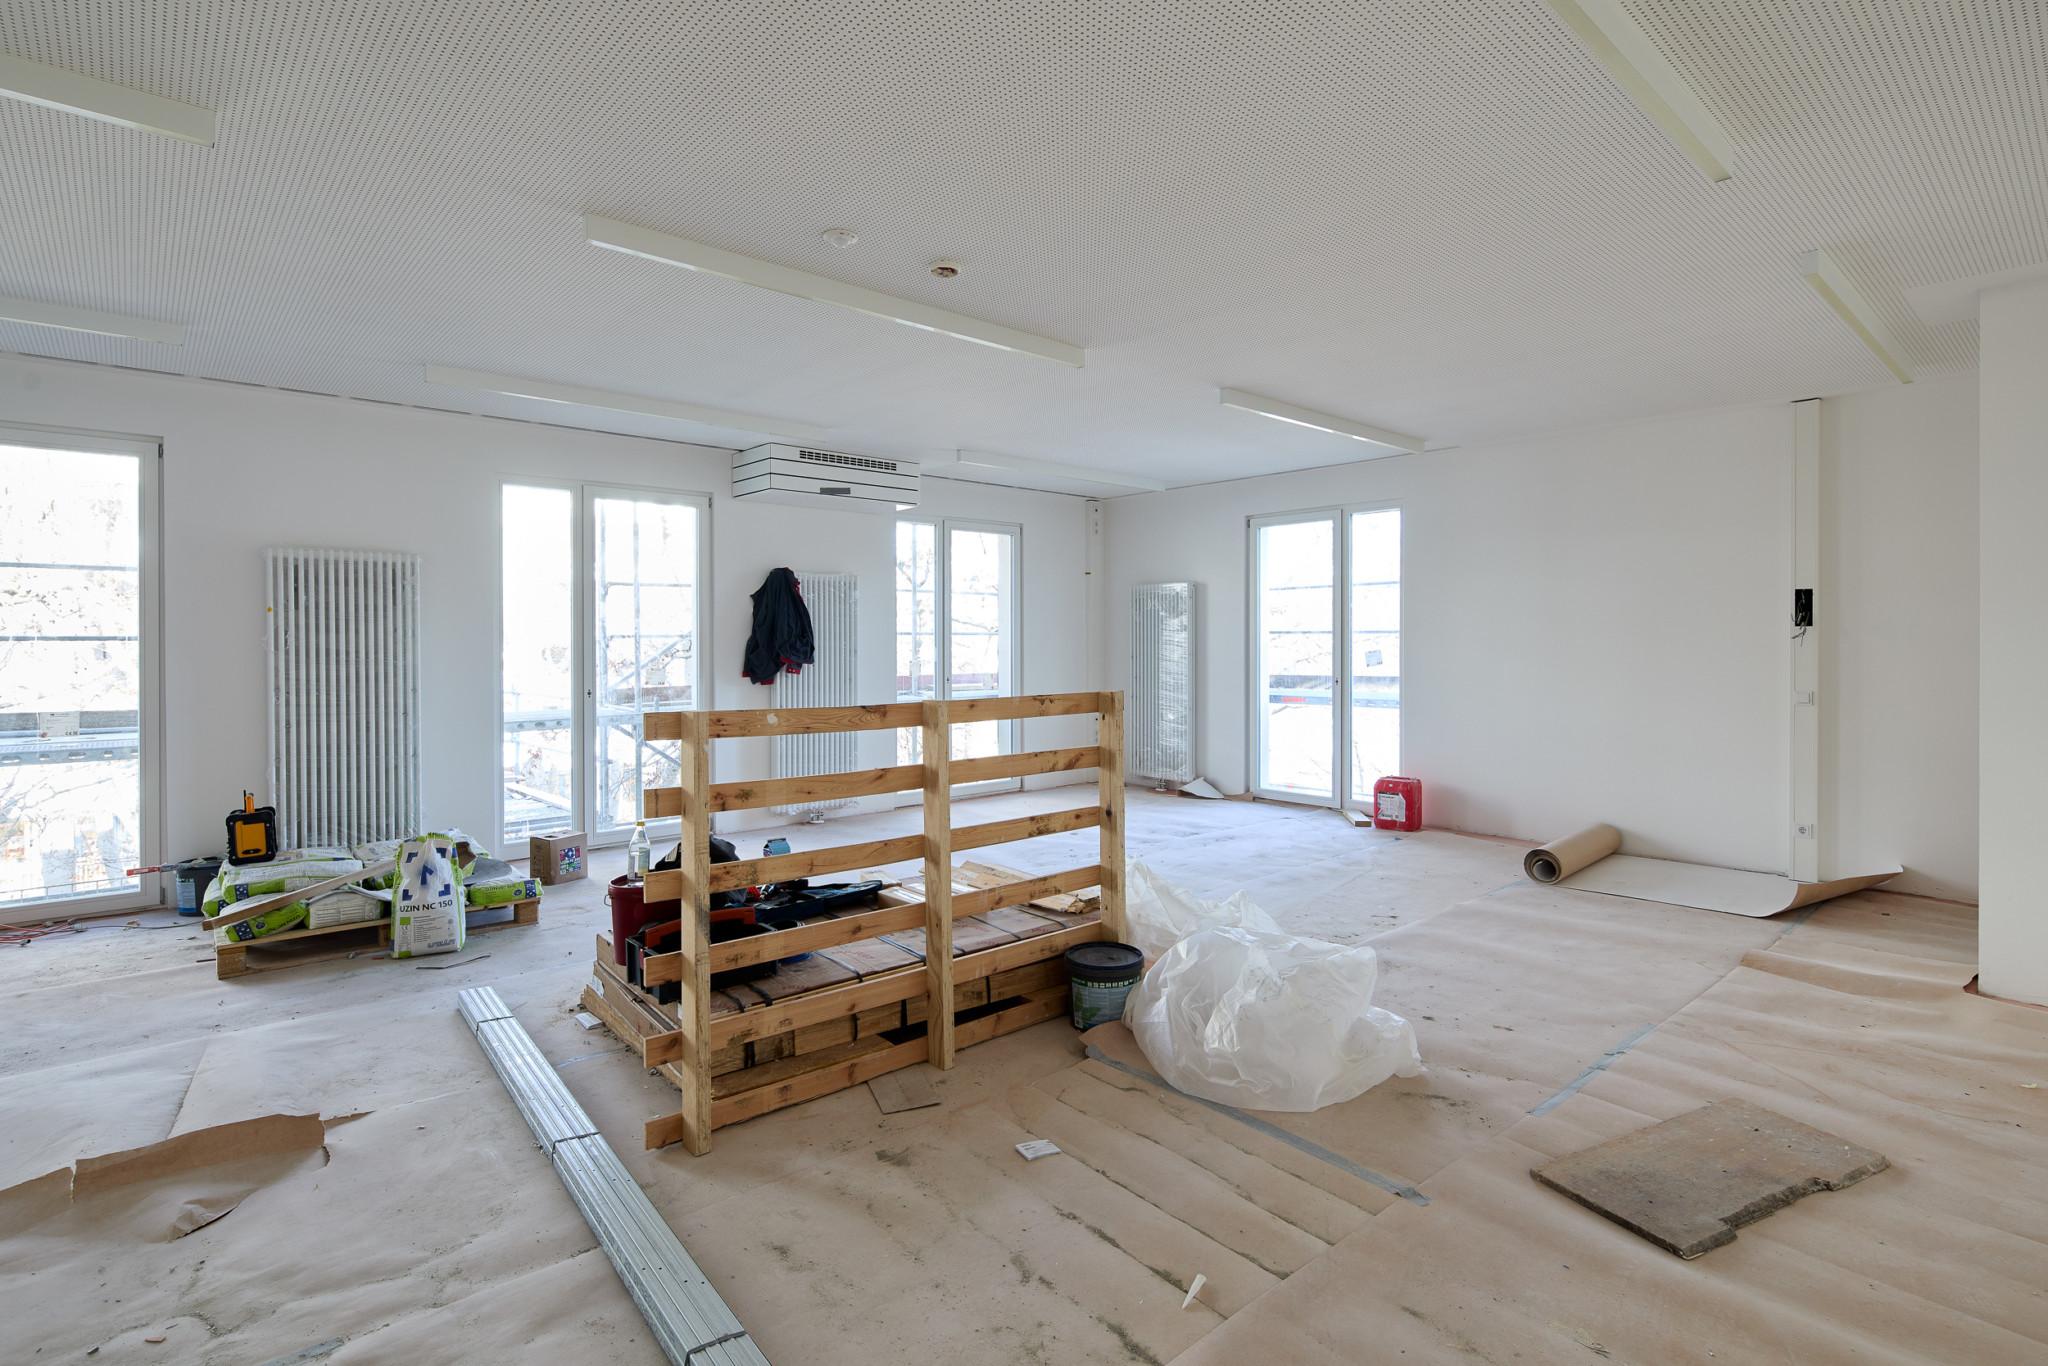 Die Fotografie zeigt ein Zimmer, dessen Wände bereits gestrichen sind, der Boden allerdings noch bedeckt ist von Schutzpapier. Paletten, Zement und Plastikplanen liegen herum.